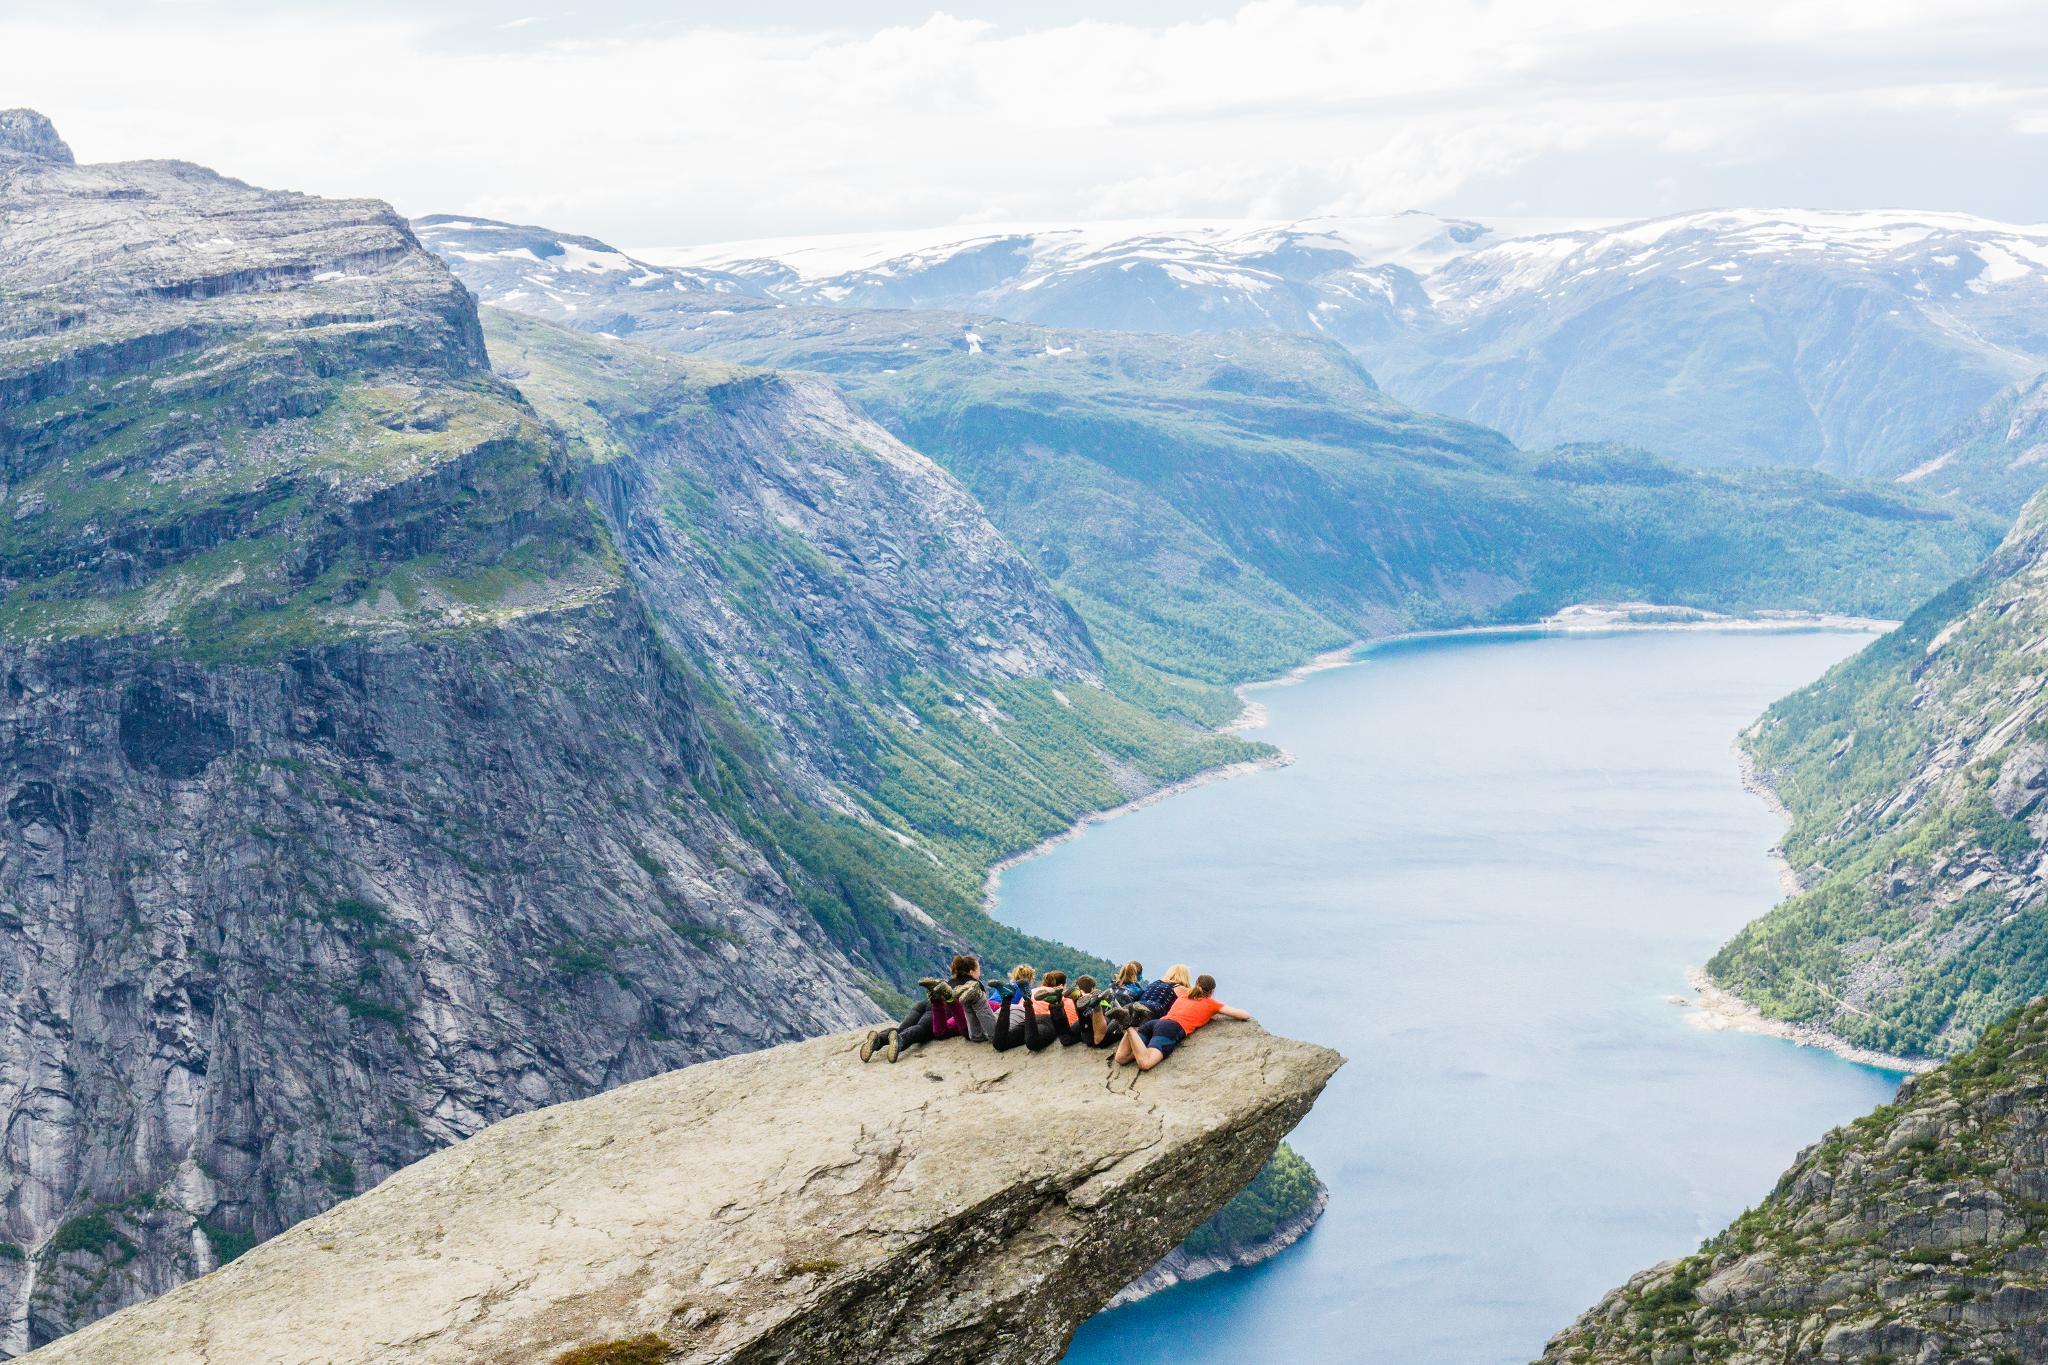 【北歐景點】挪威惡魔之舌 Trolltunga — 28公里健行挑戰全攻略 242